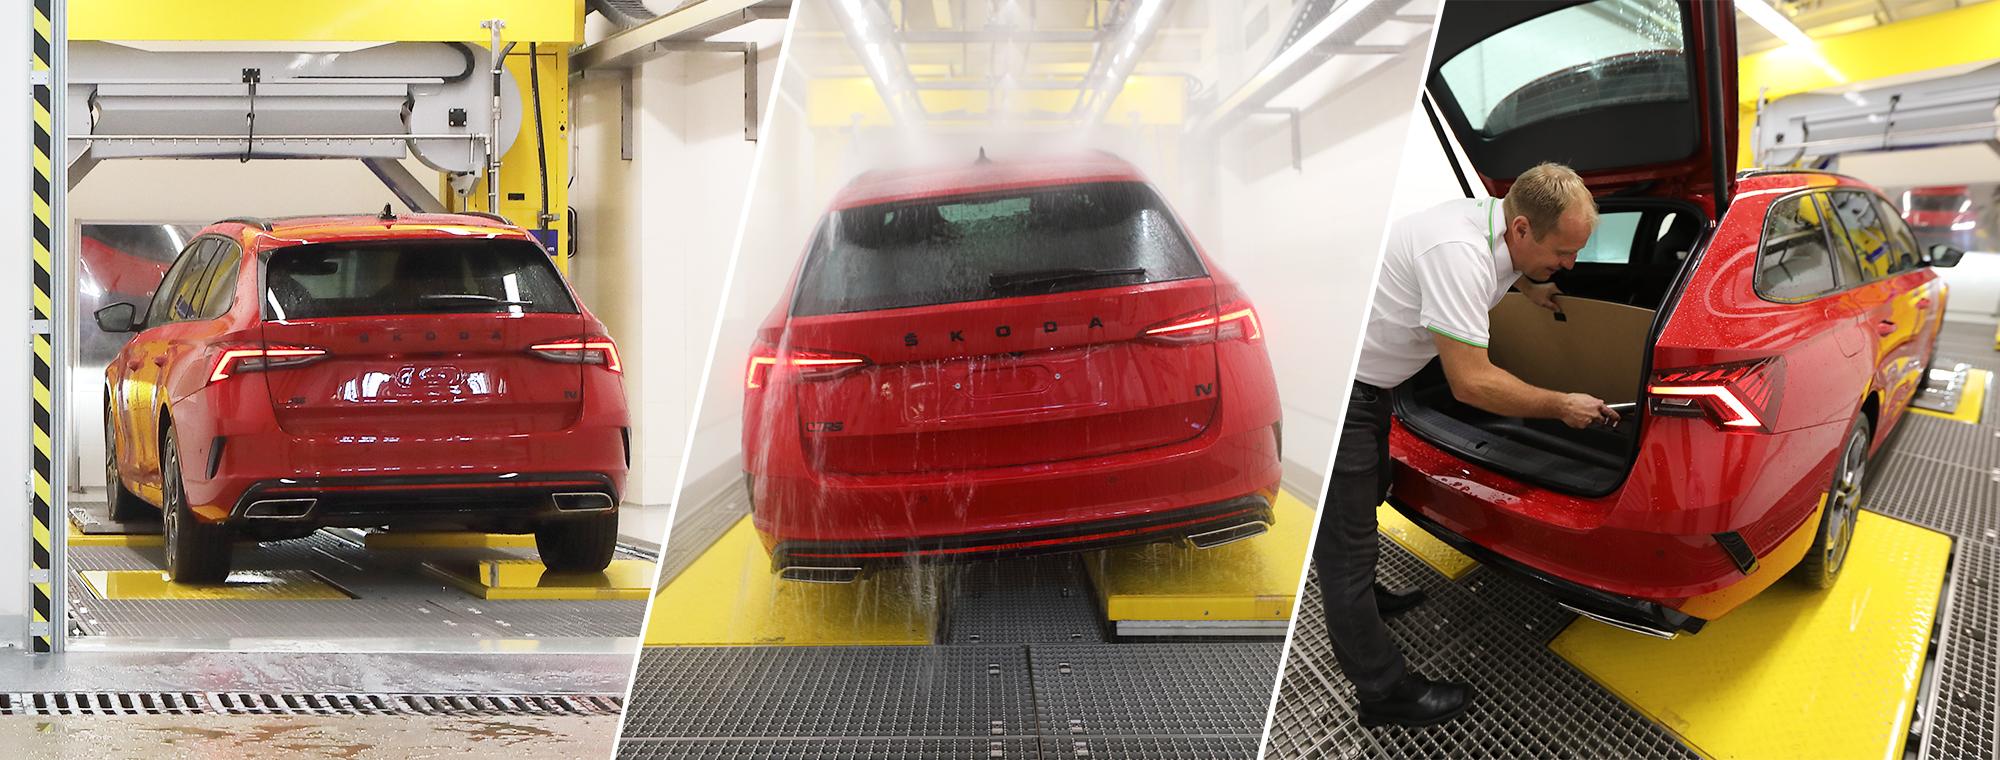 Jak Skoda testuje wodoszczelność samochodów?